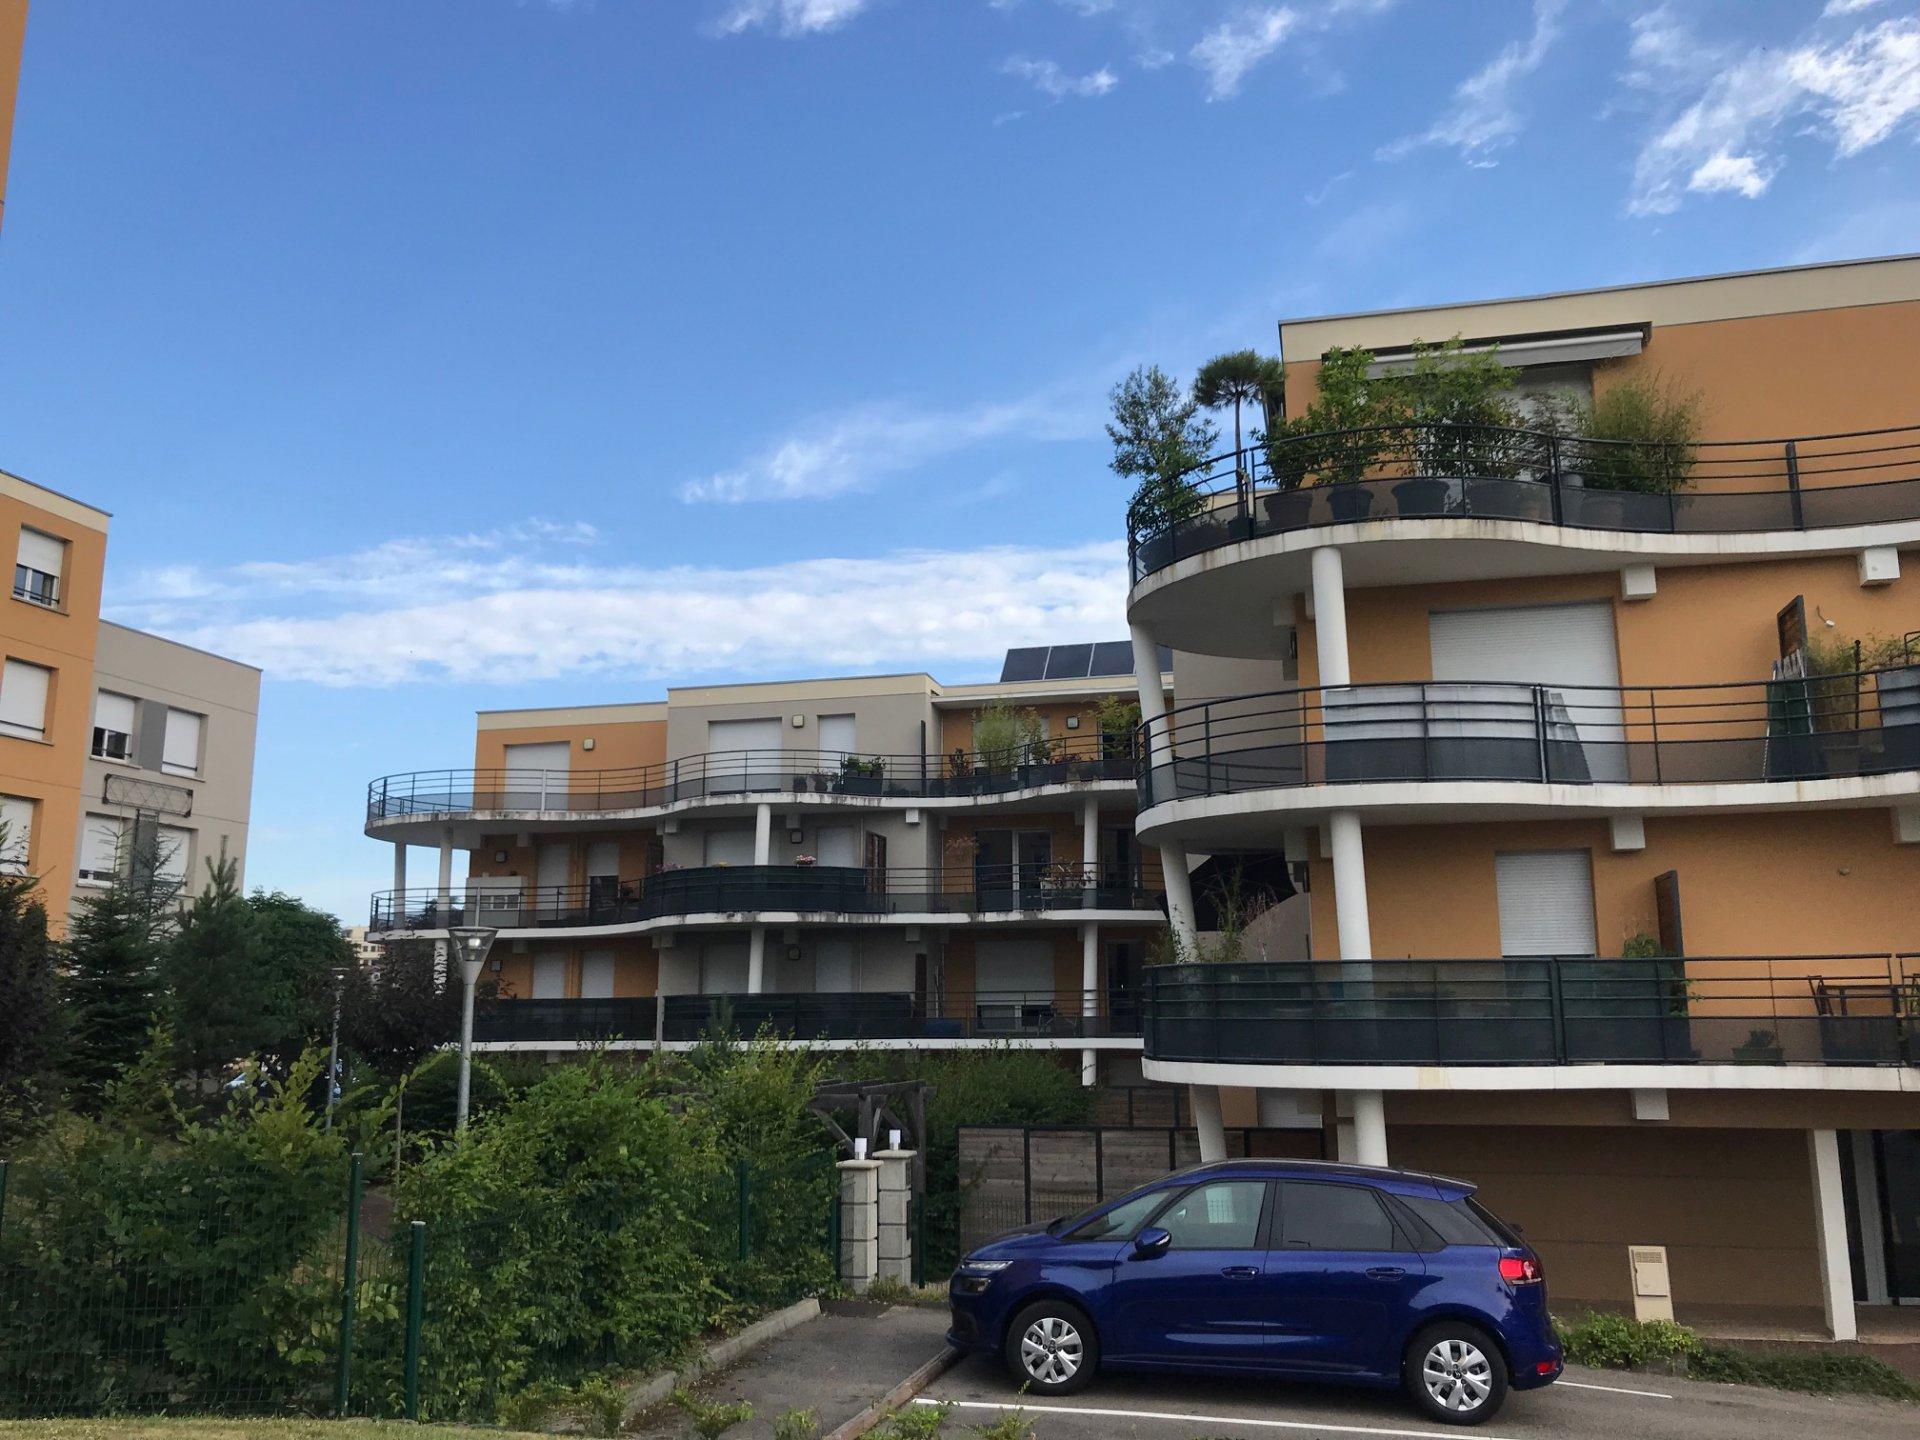 SAINT-PRIEST-EN-JAREZ - Résidence récente appartement T3 avec balcon et garage